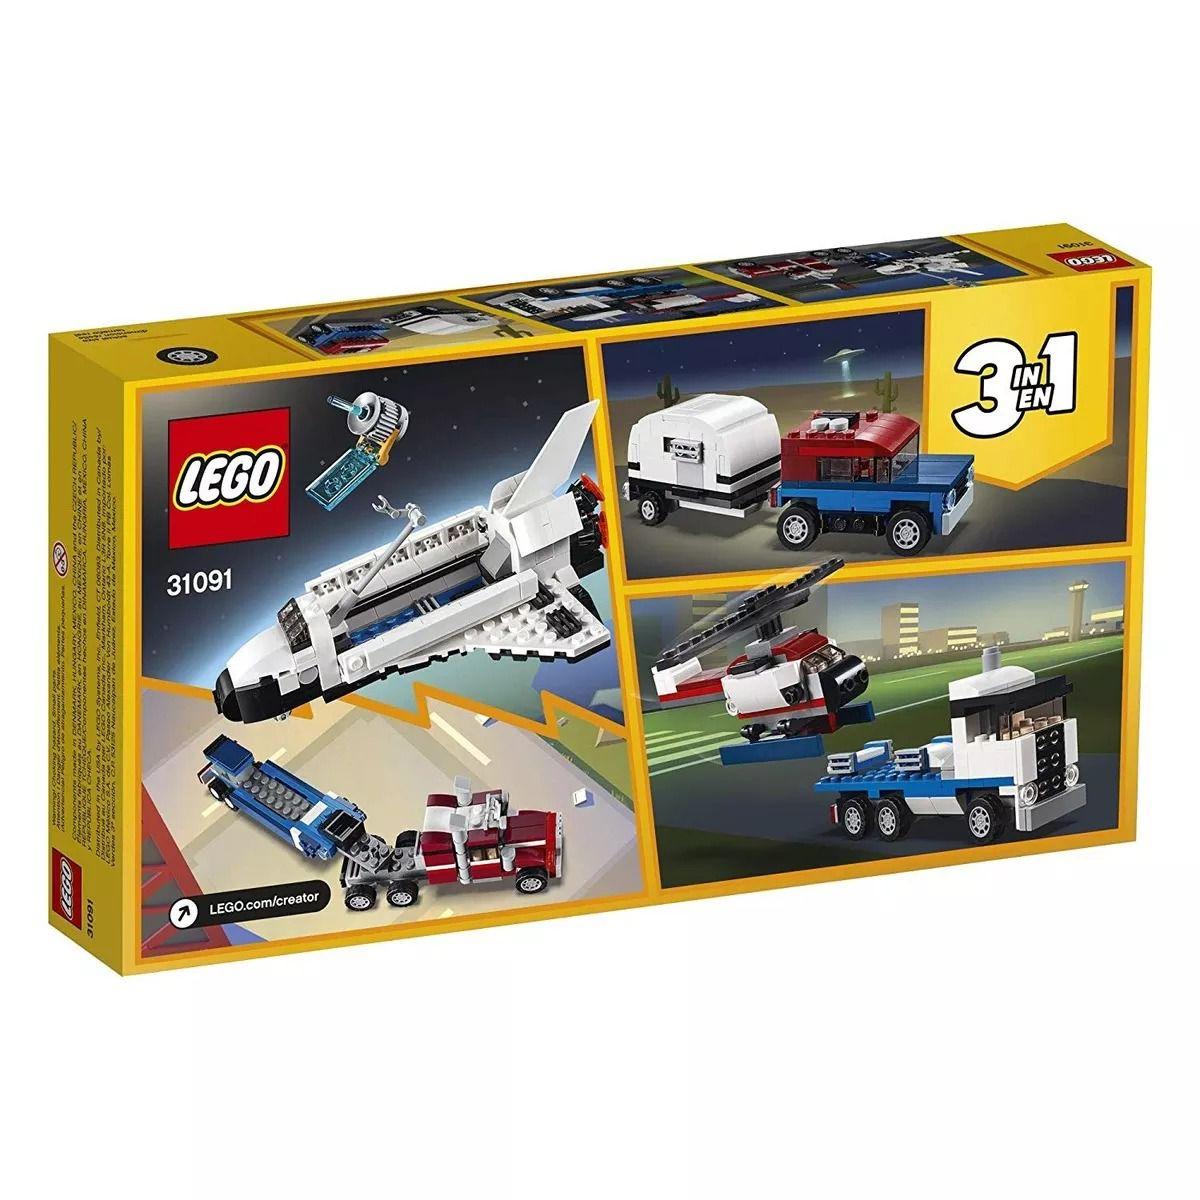 Lego 31091 Creator - 3 Em 1 – Caminhão Transportador e Ônibus Espacial – 341 peças  - Doce Diversão